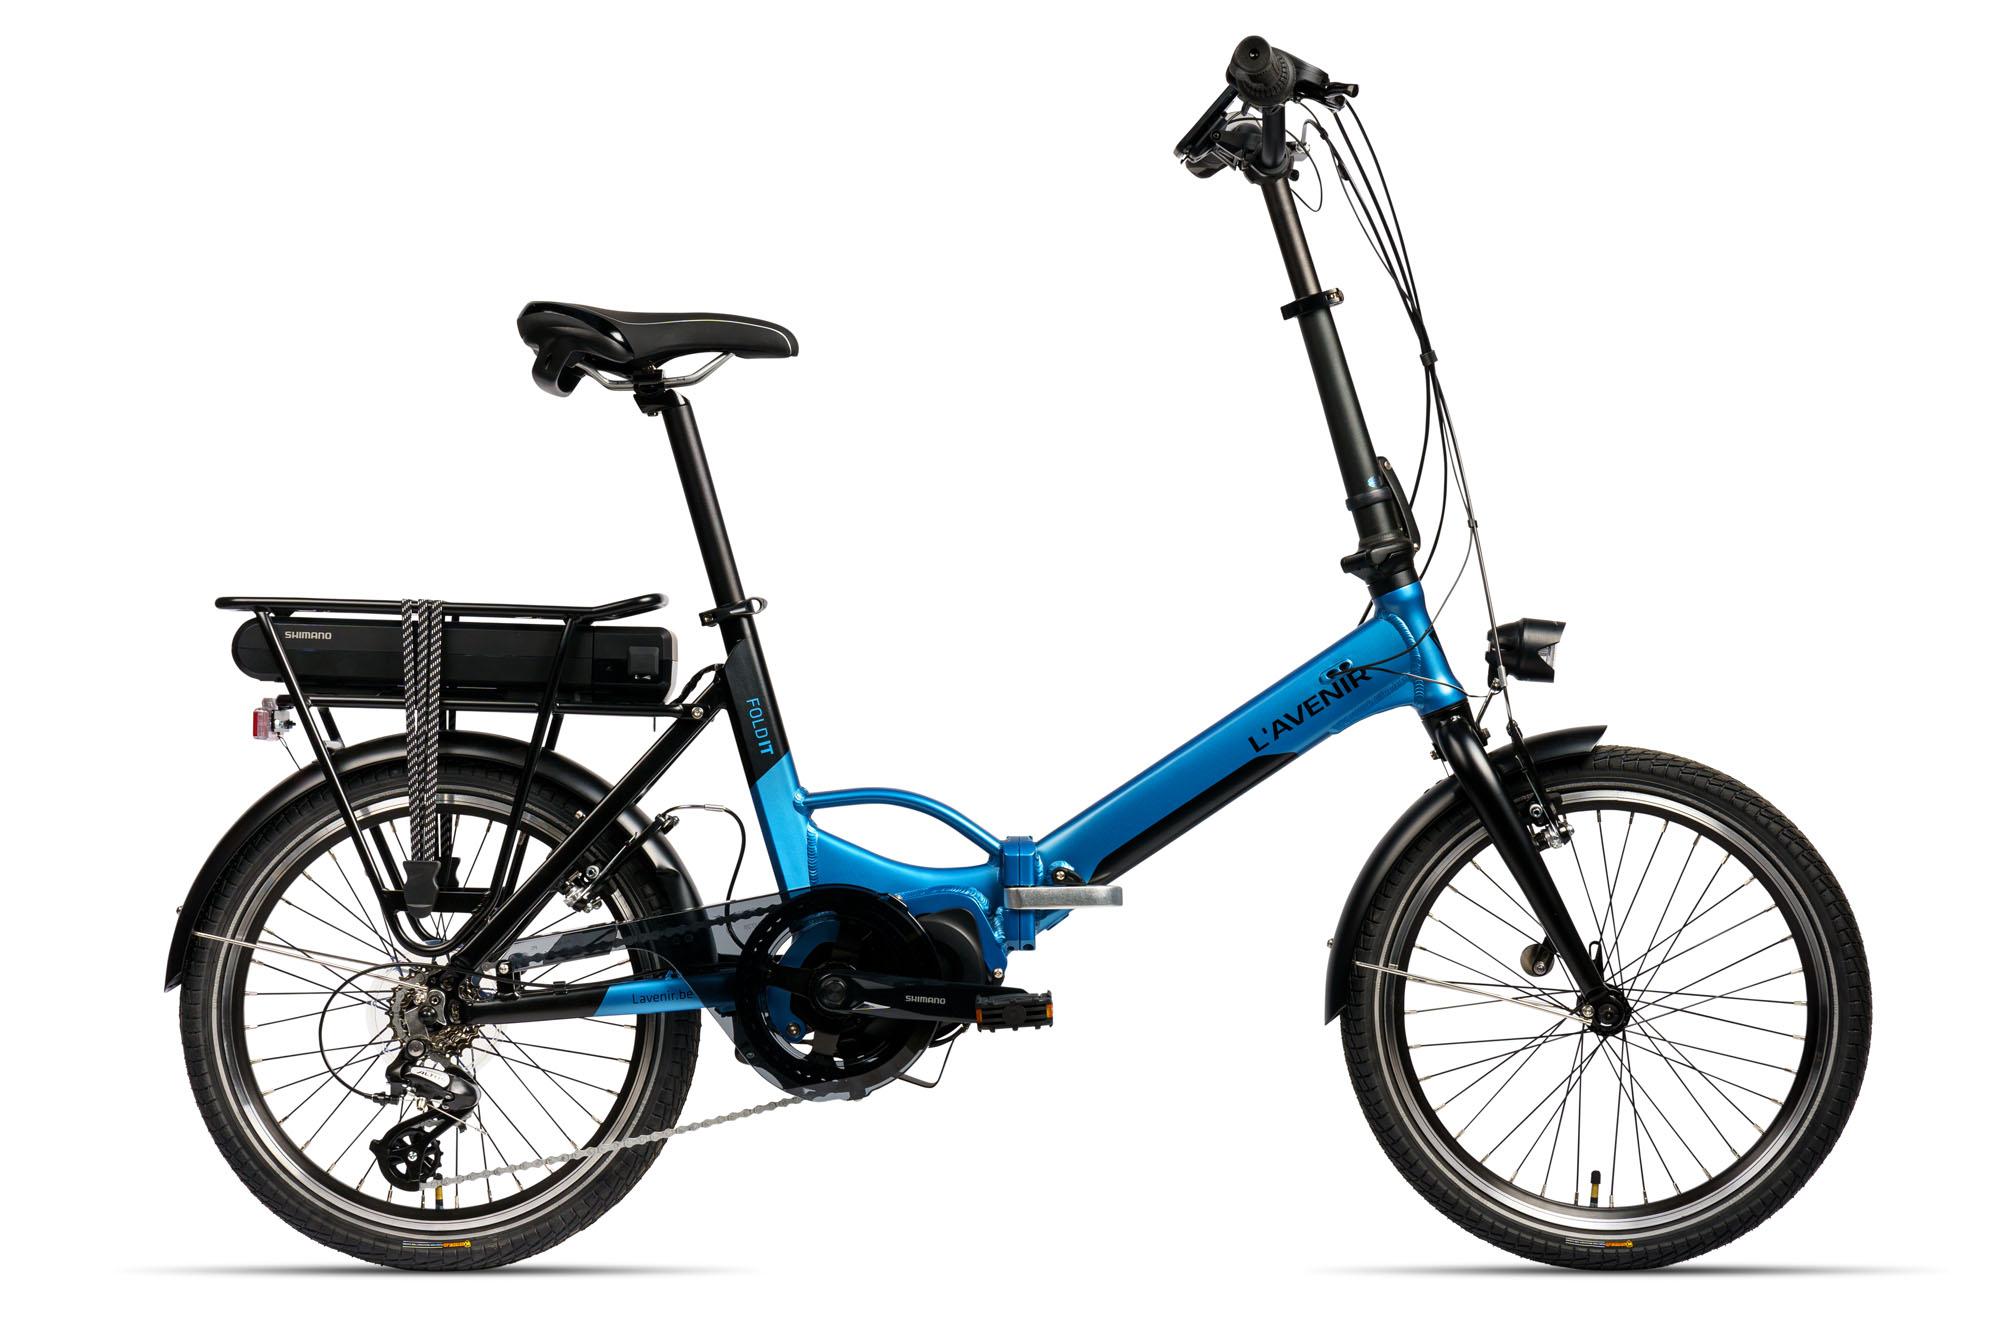 Onze e-bike collectie bevat nu ook een aantrekkelijke plooifiets, uitgerust met het uiterst betrouwbare Shimano Steps e-bike systeem. De FOLD IT heeft een comfortabel en gemakkelijk lage-opstapframe en 7 versnellingen, waardoor je je comfortabel en wendbaar door de stad beweegt.